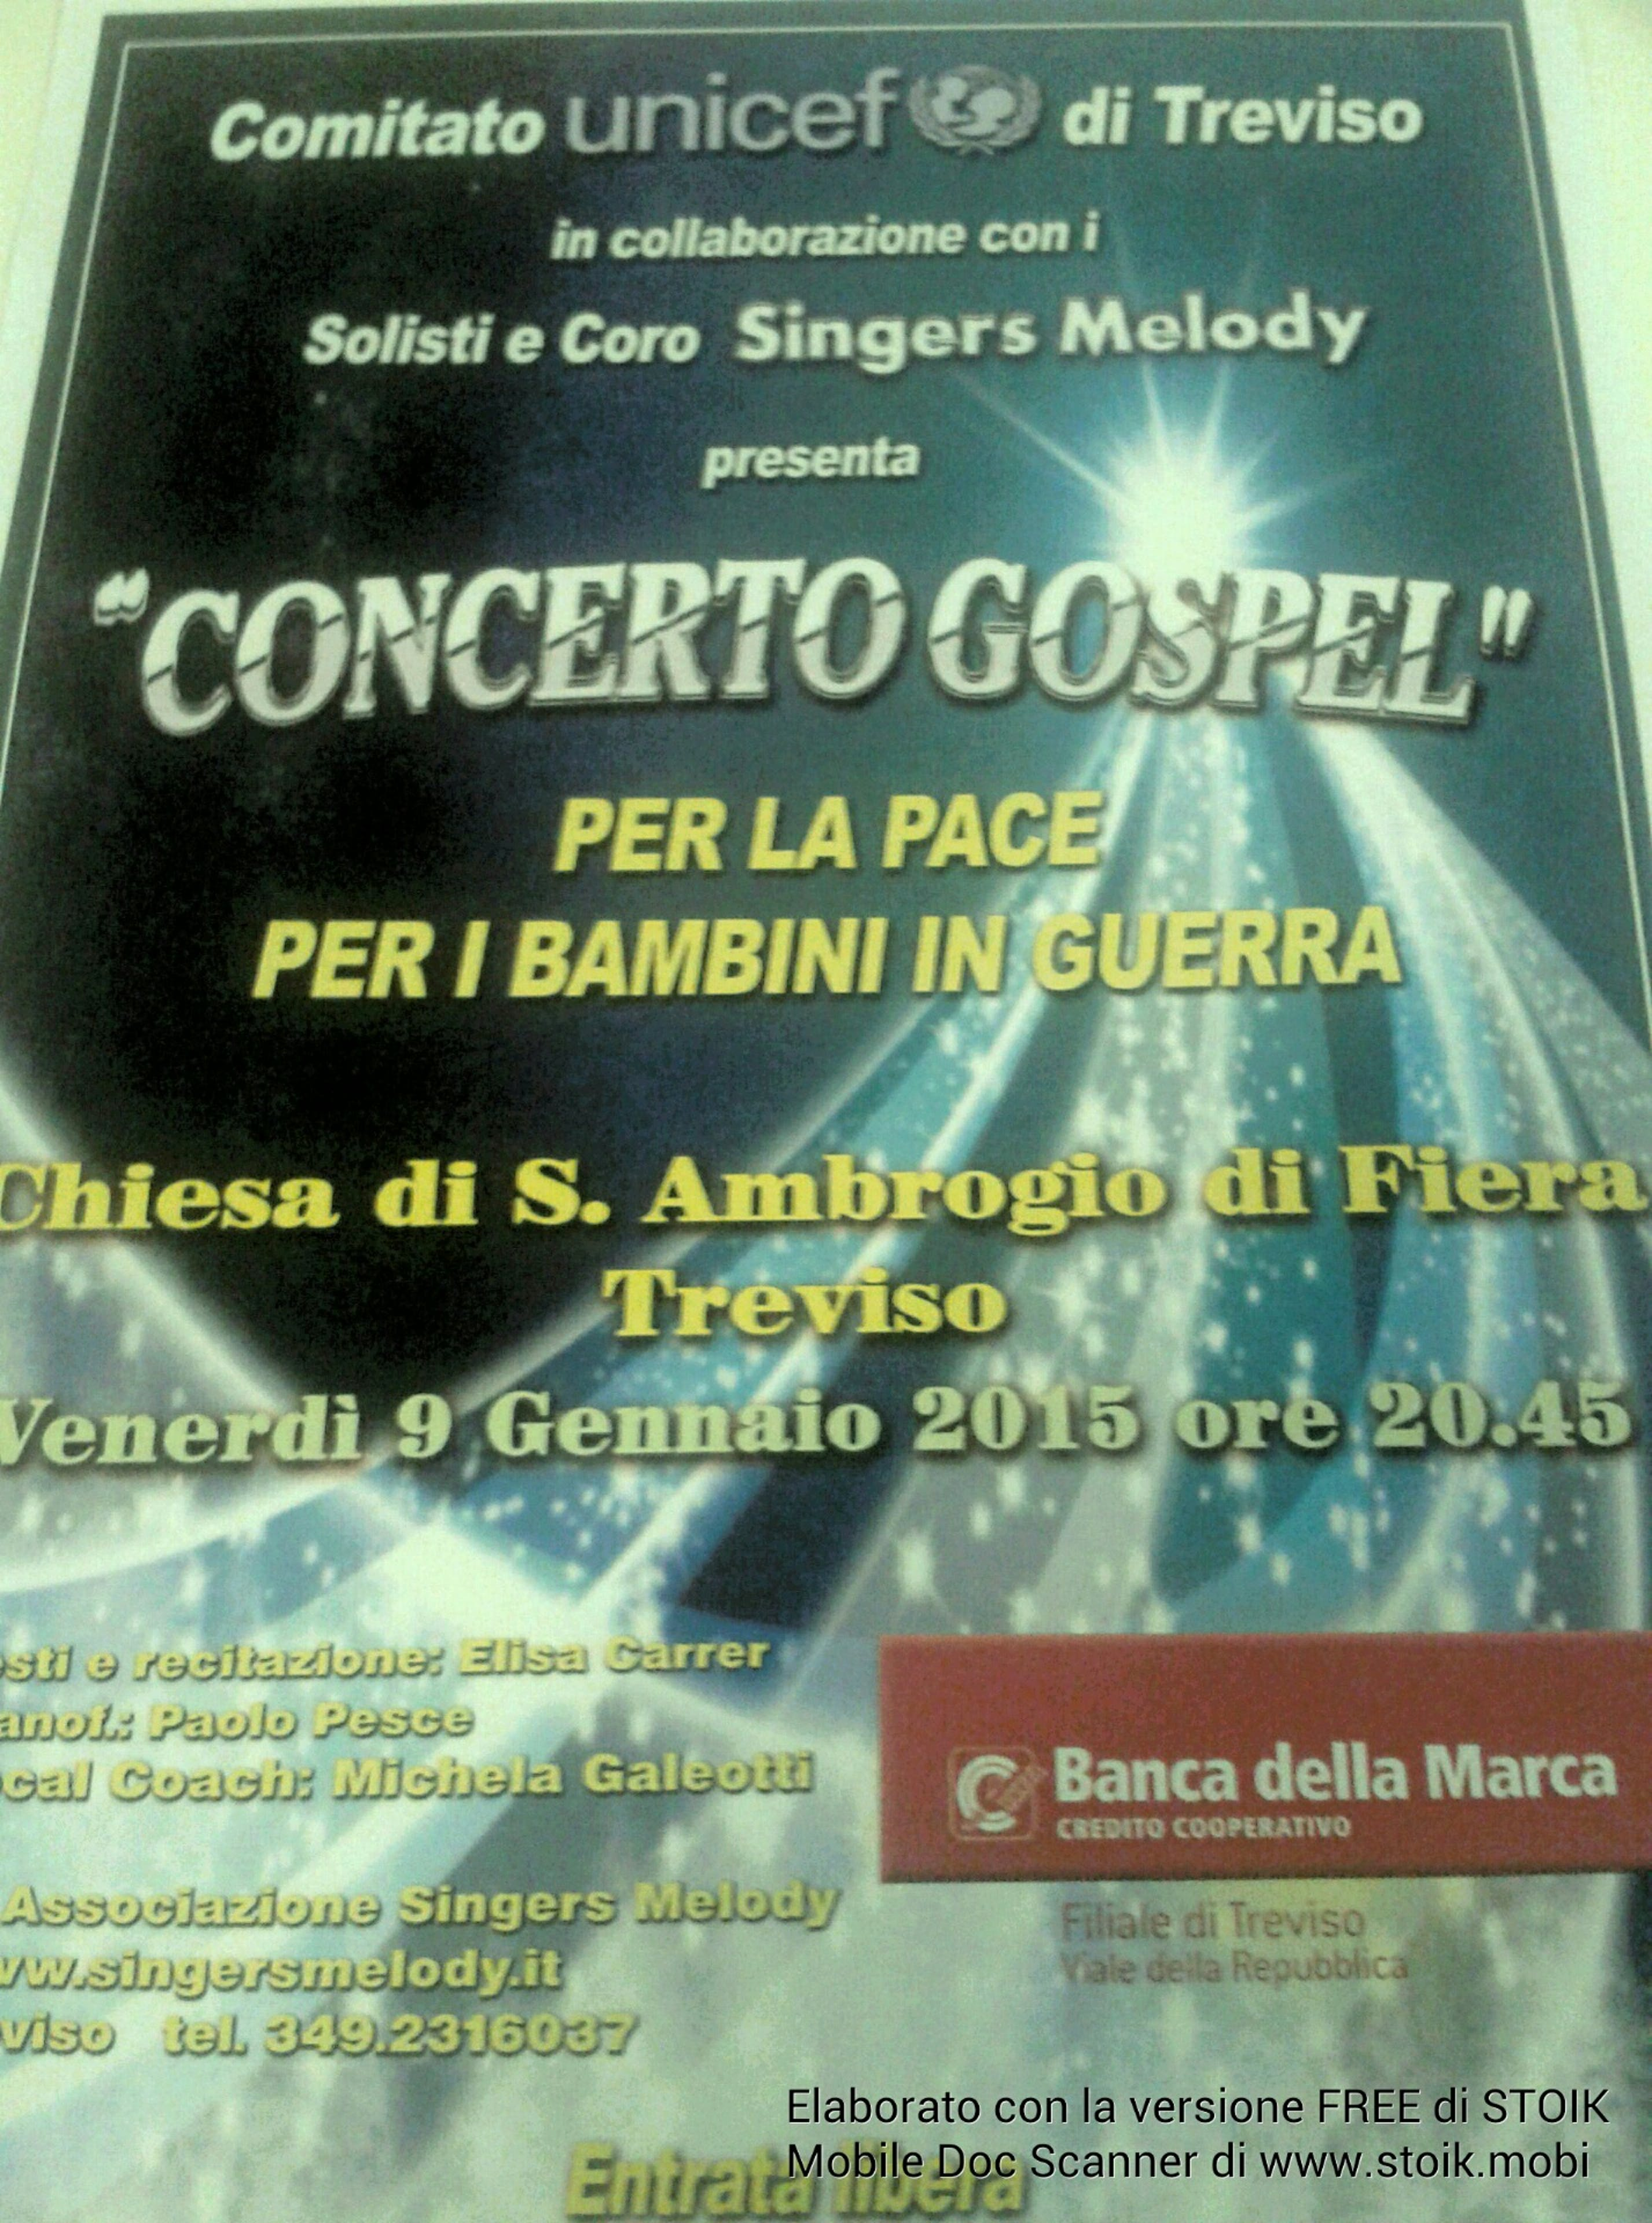 Questa sera a Treviso il concerto Gospel per aiutare i bambini della Siria